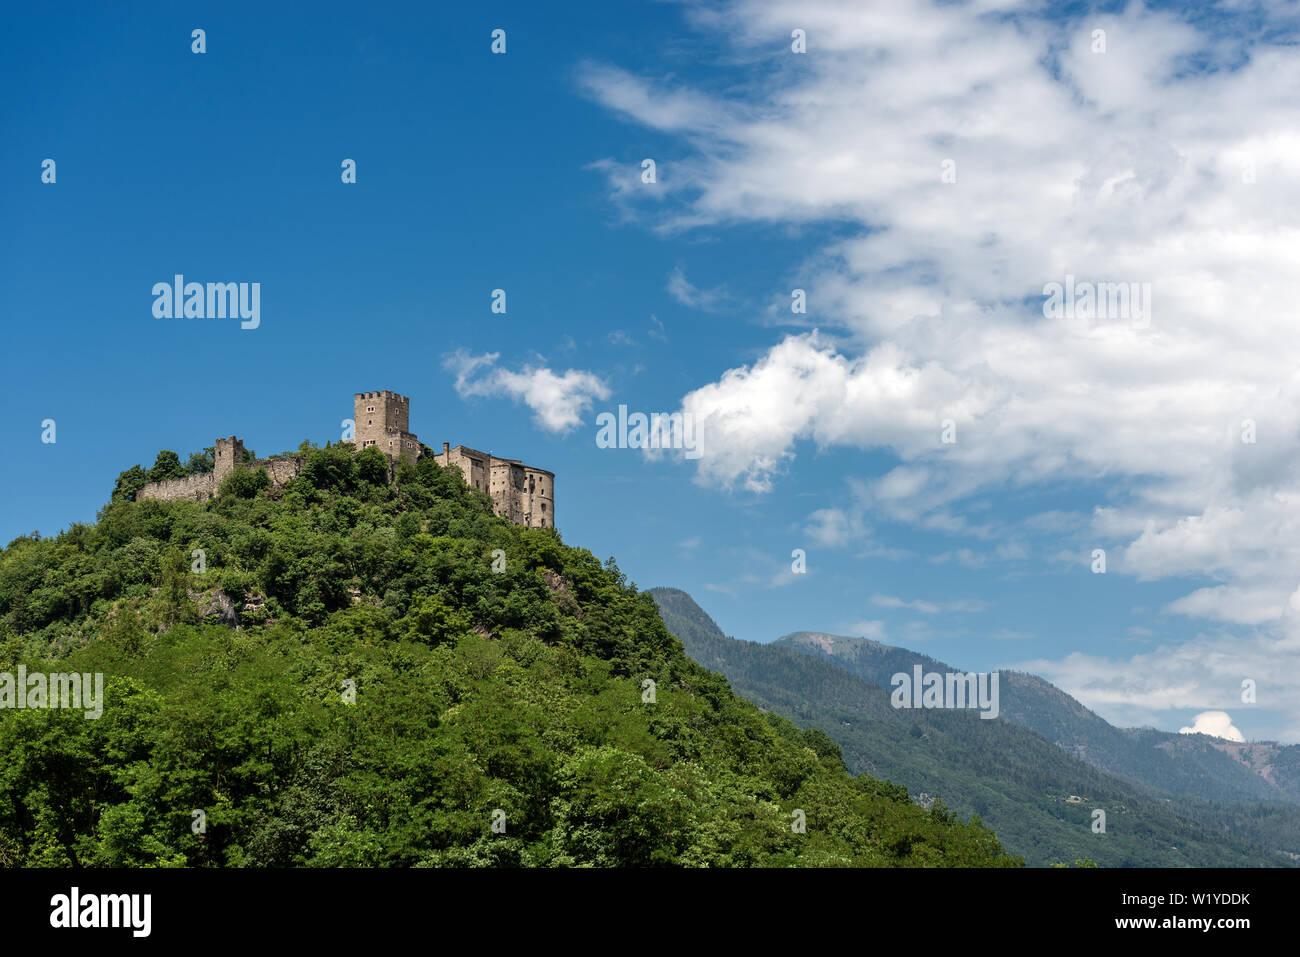 Il castello medievale di Pergine Valsugana, piccola città in Alpi italiane, Trentino Alto Adige, Provincia di Trento, Italia, Europa Foto Stock